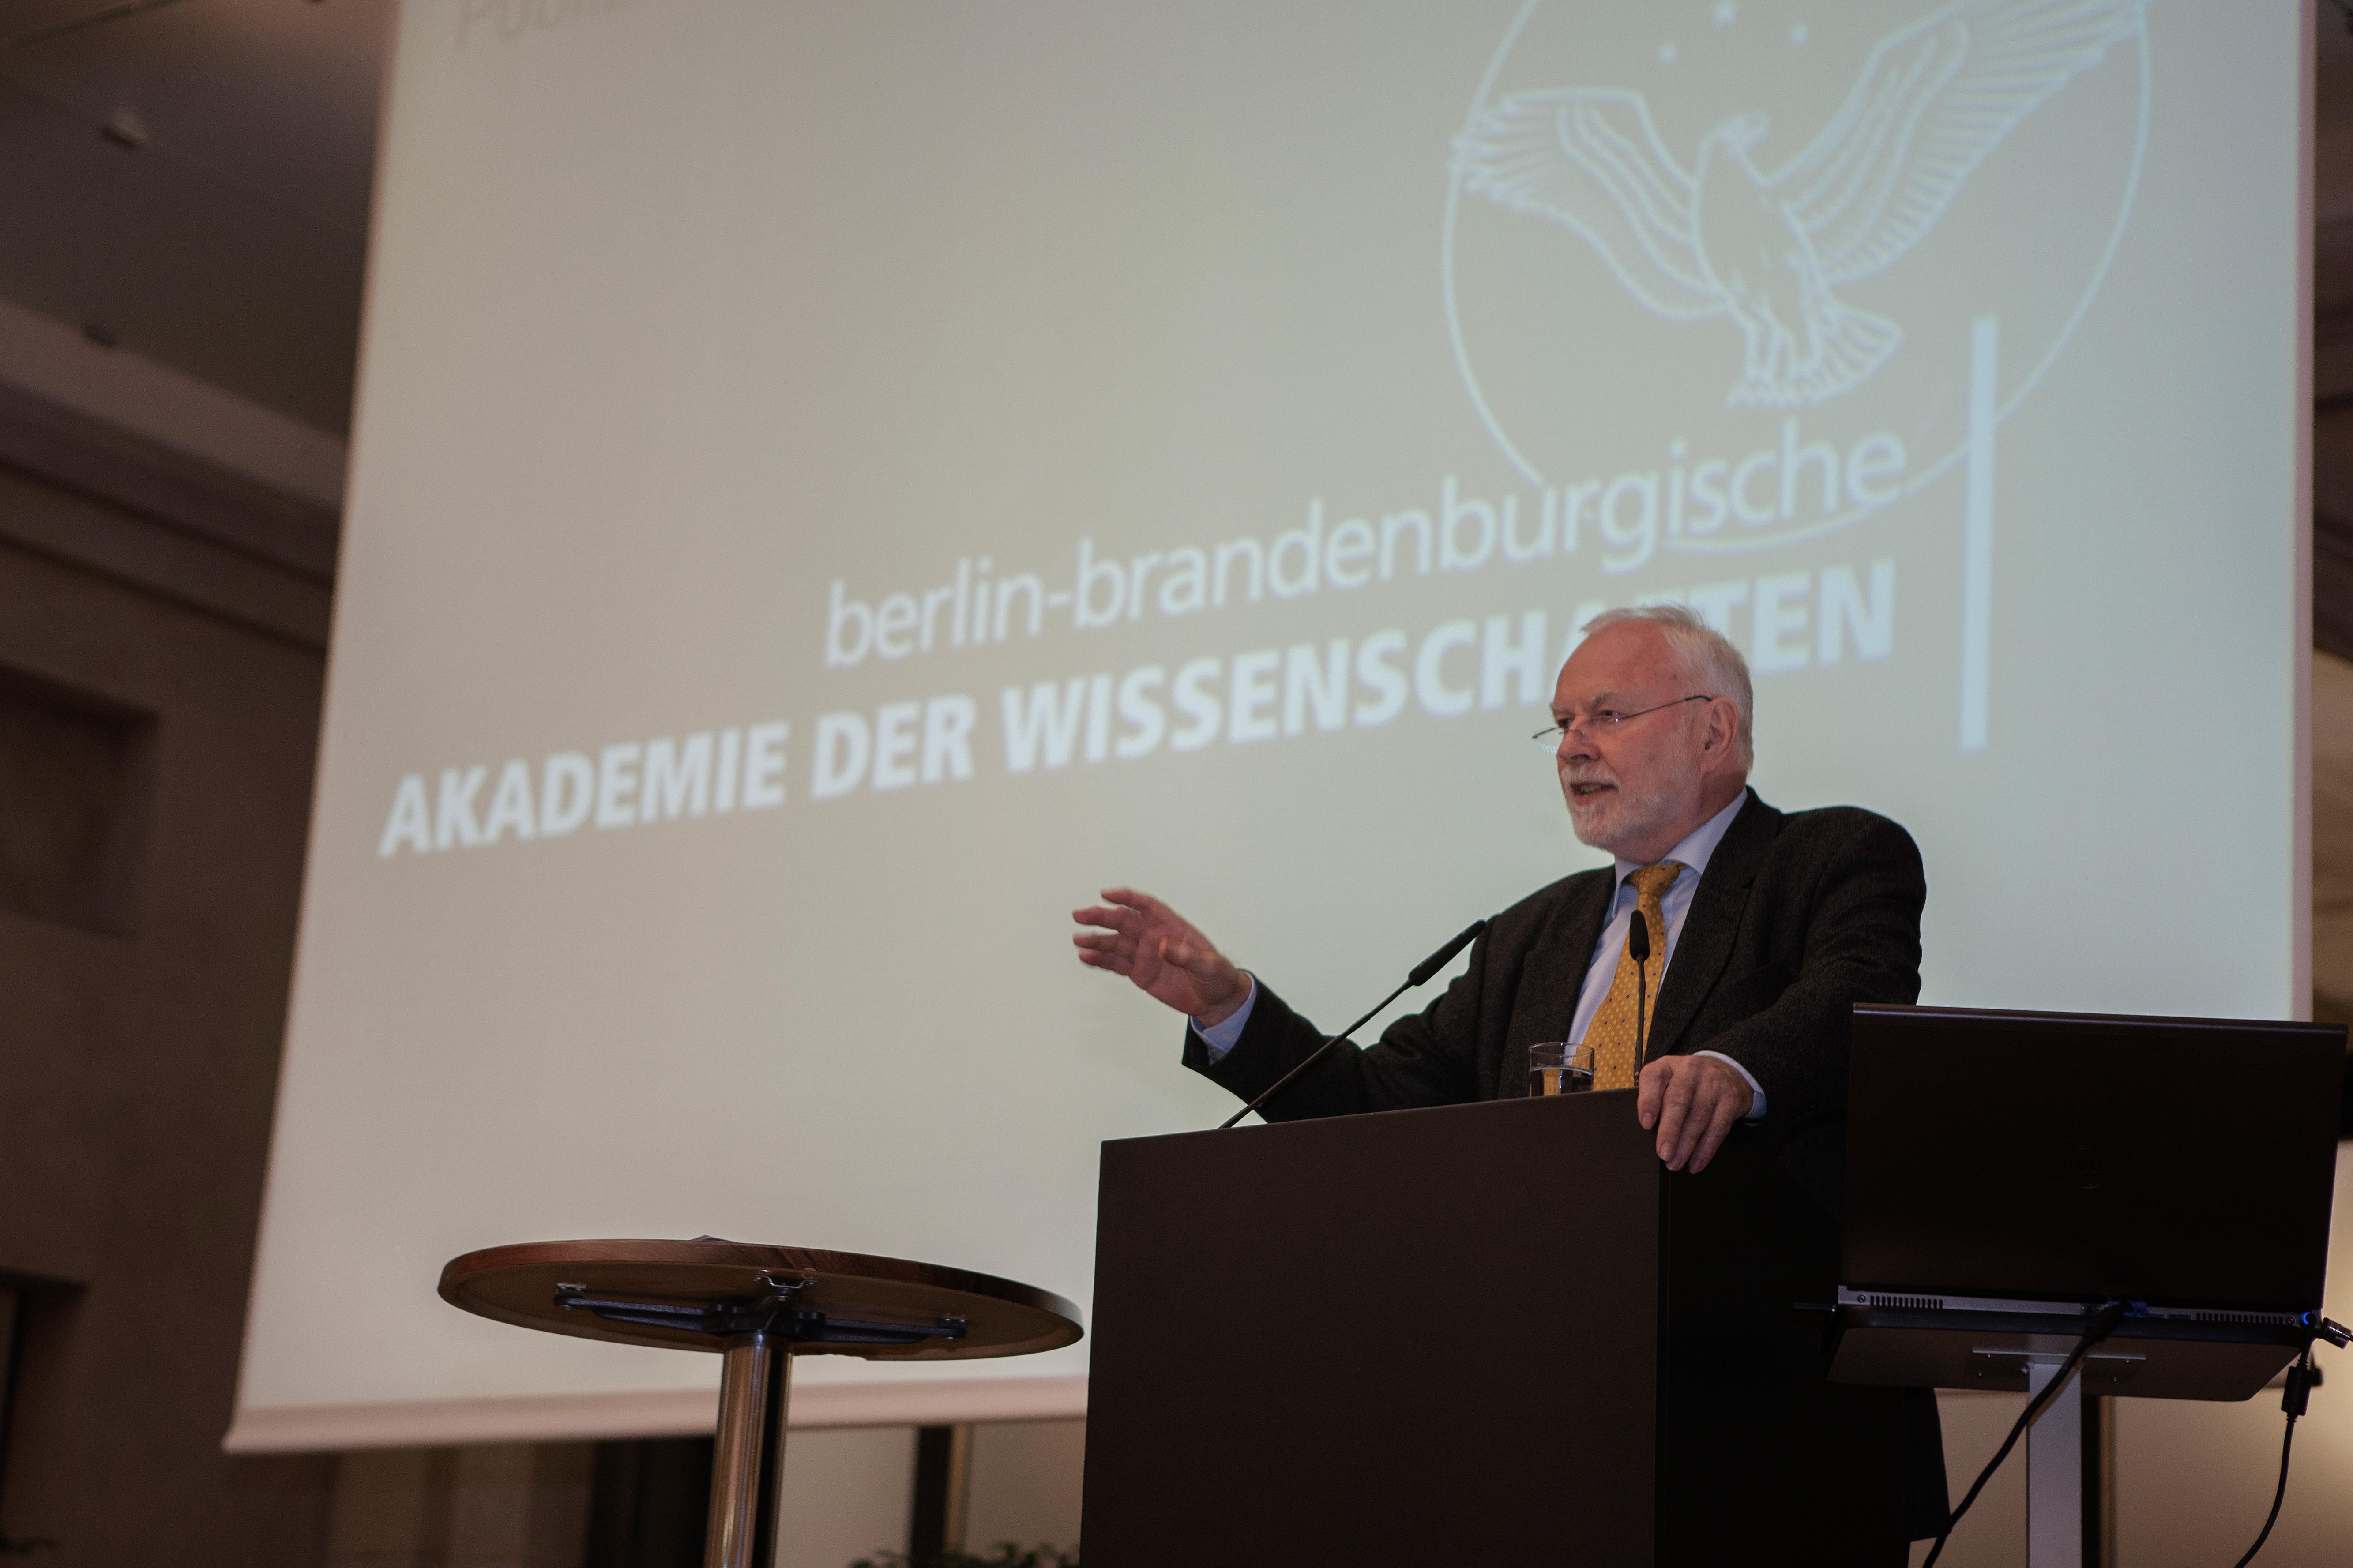 Martin Grötschel, Präsident der Berlin-Brandenburgischen Akademie der Wissenschaften